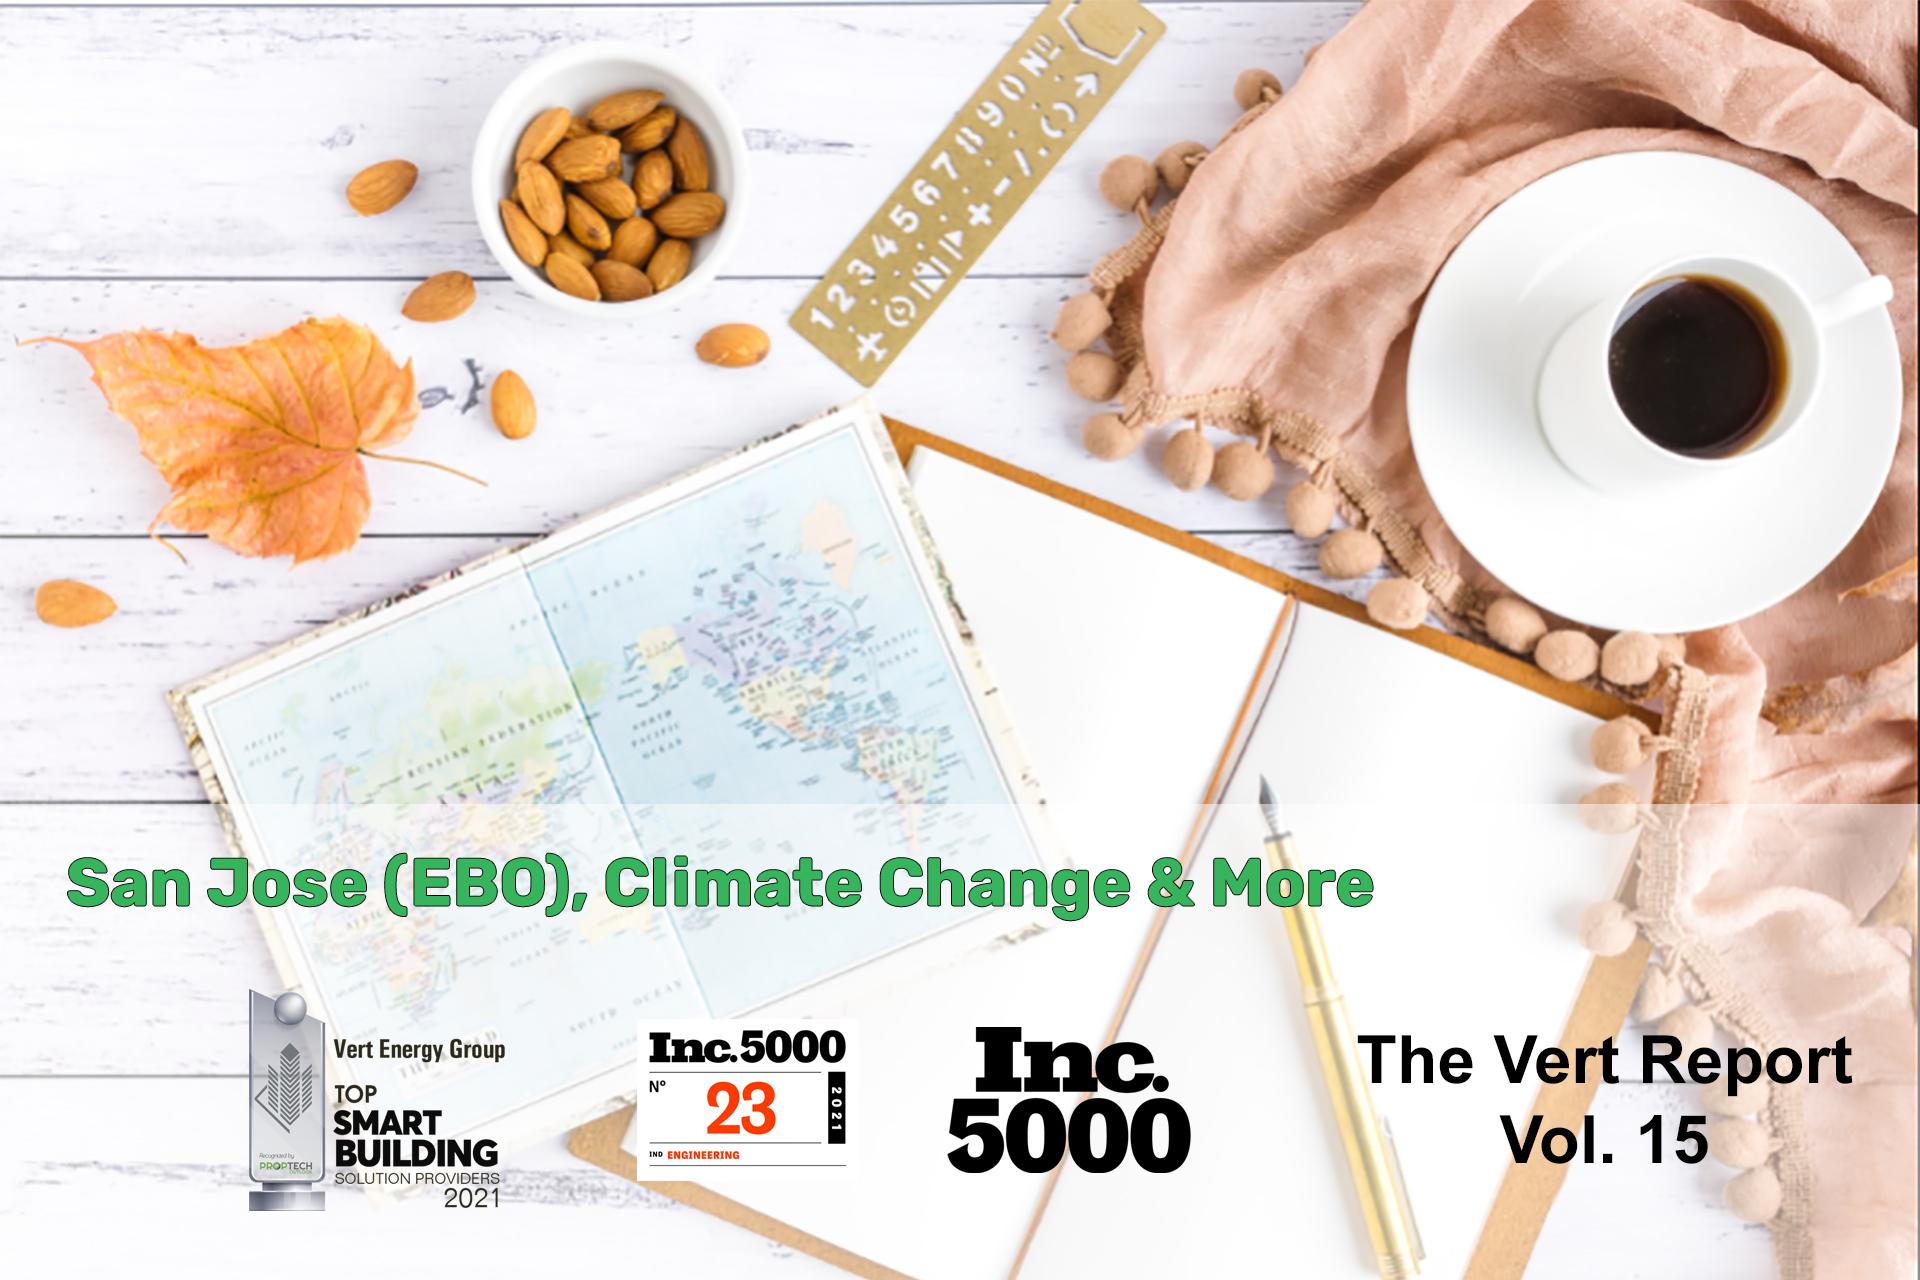 The Vert Report Vol 15